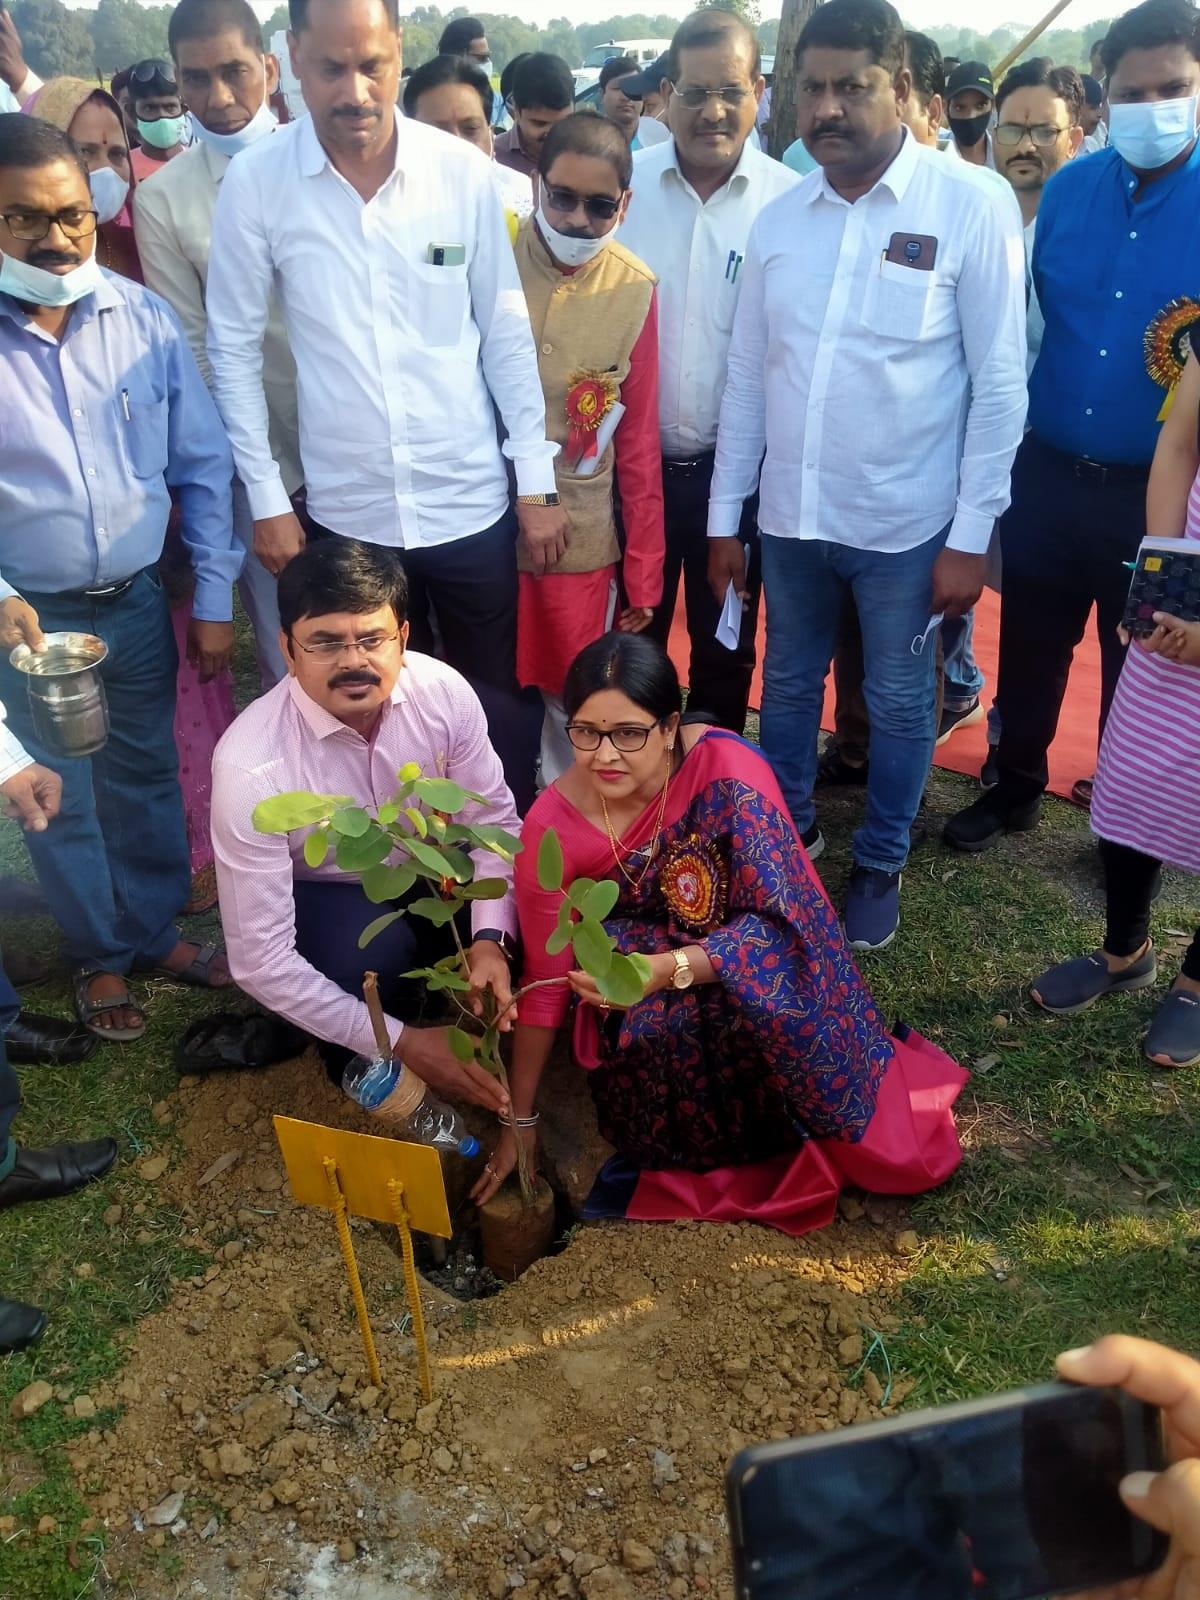 Janjgir  News: पौधरोपण के बाद उसका  संरक्षण और संवर्धन हमारी महत्वपूर्ण जिम्मेदारी